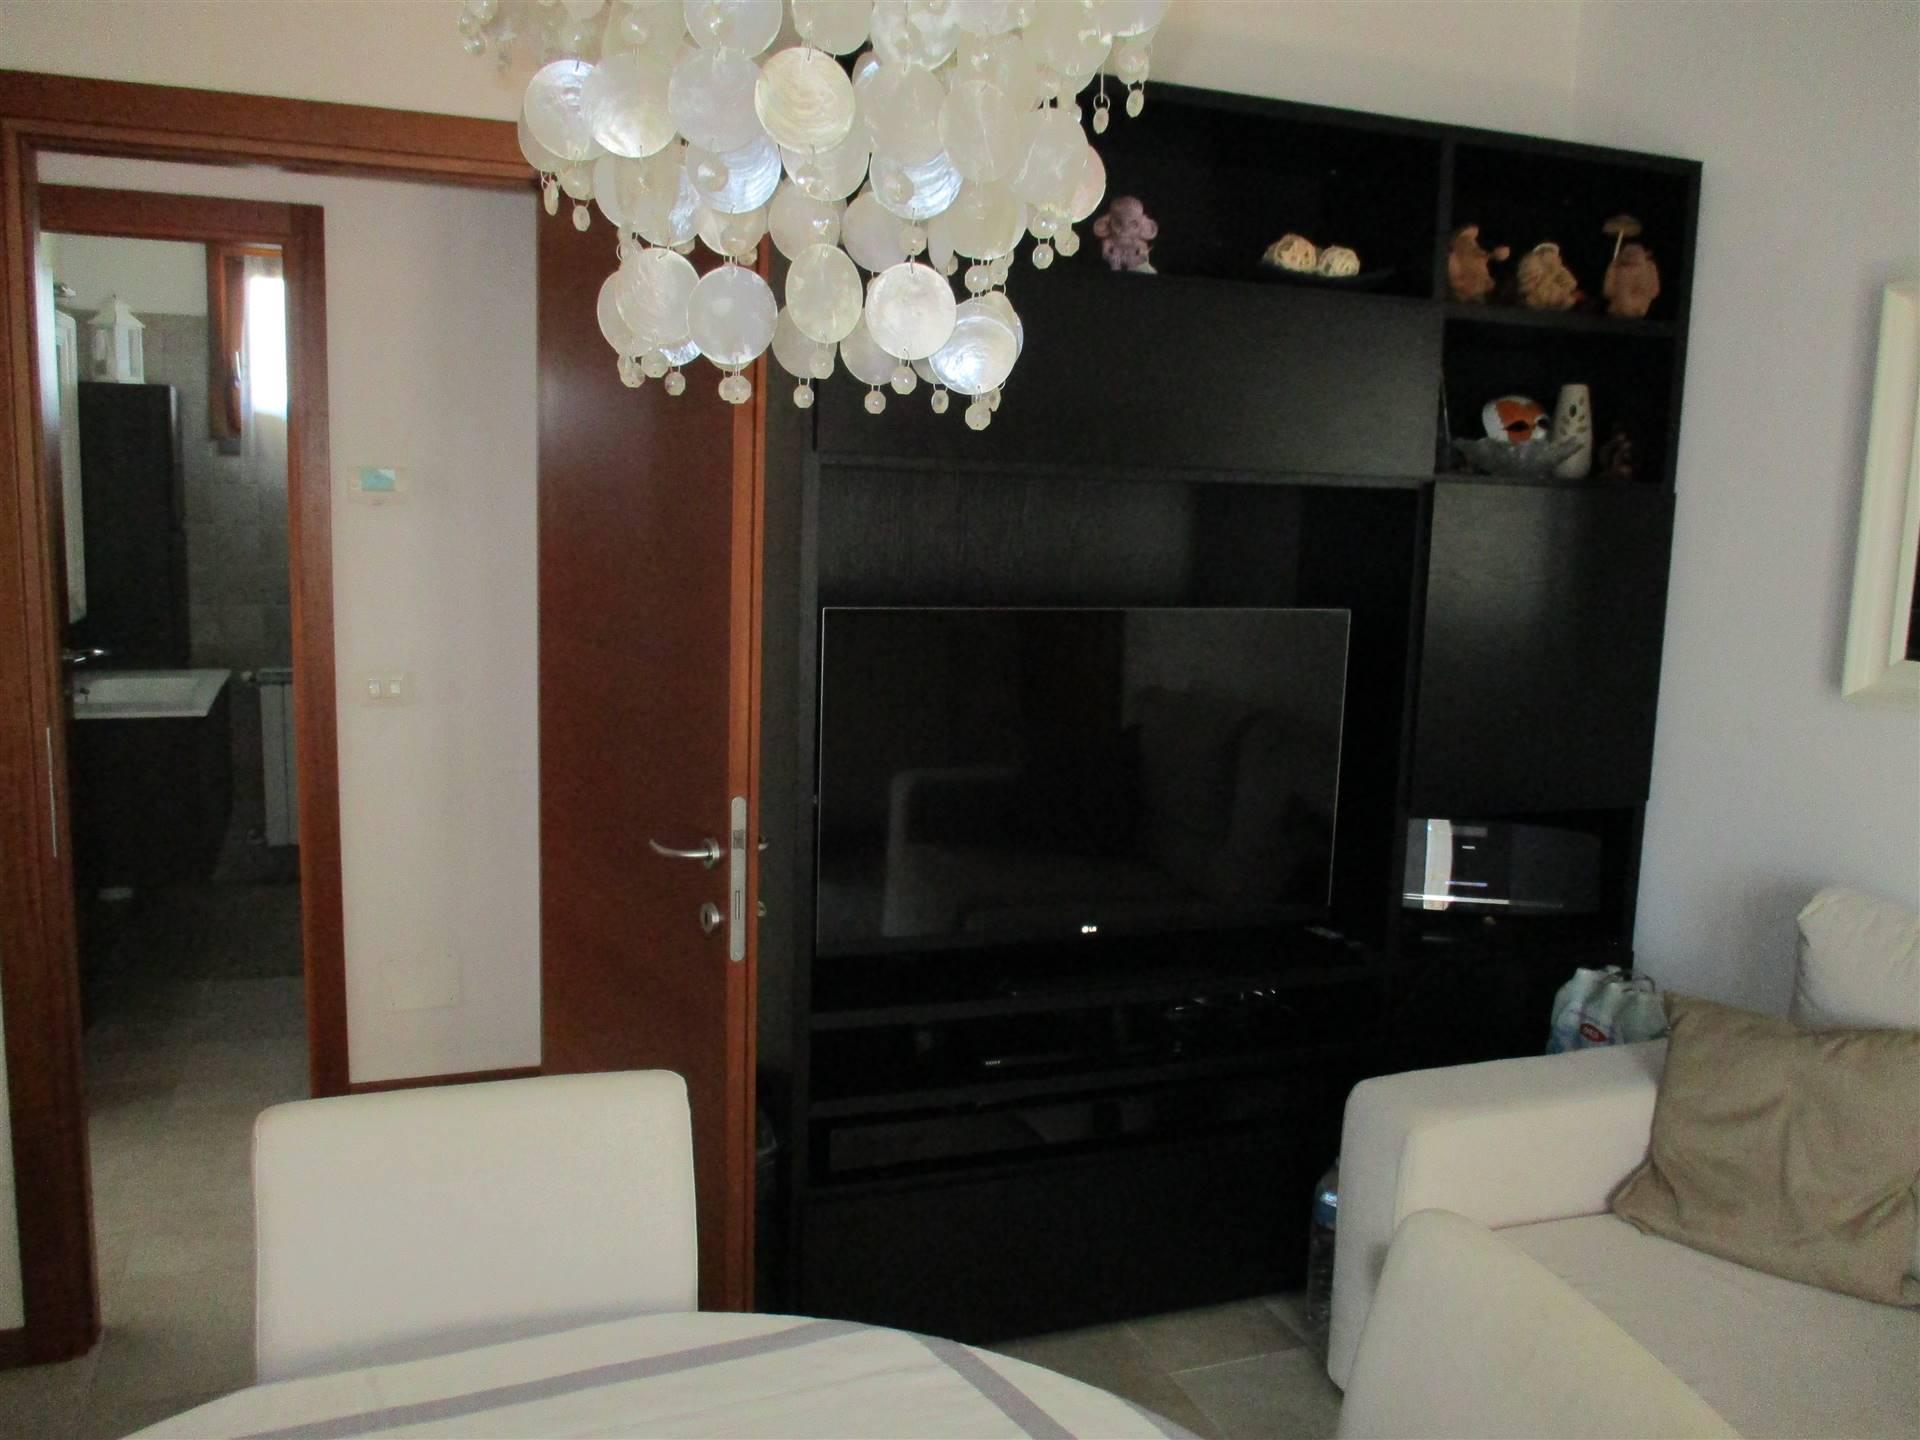 Appartamento in Vendita a Campi bisenzio zona San donnino - immagine 16